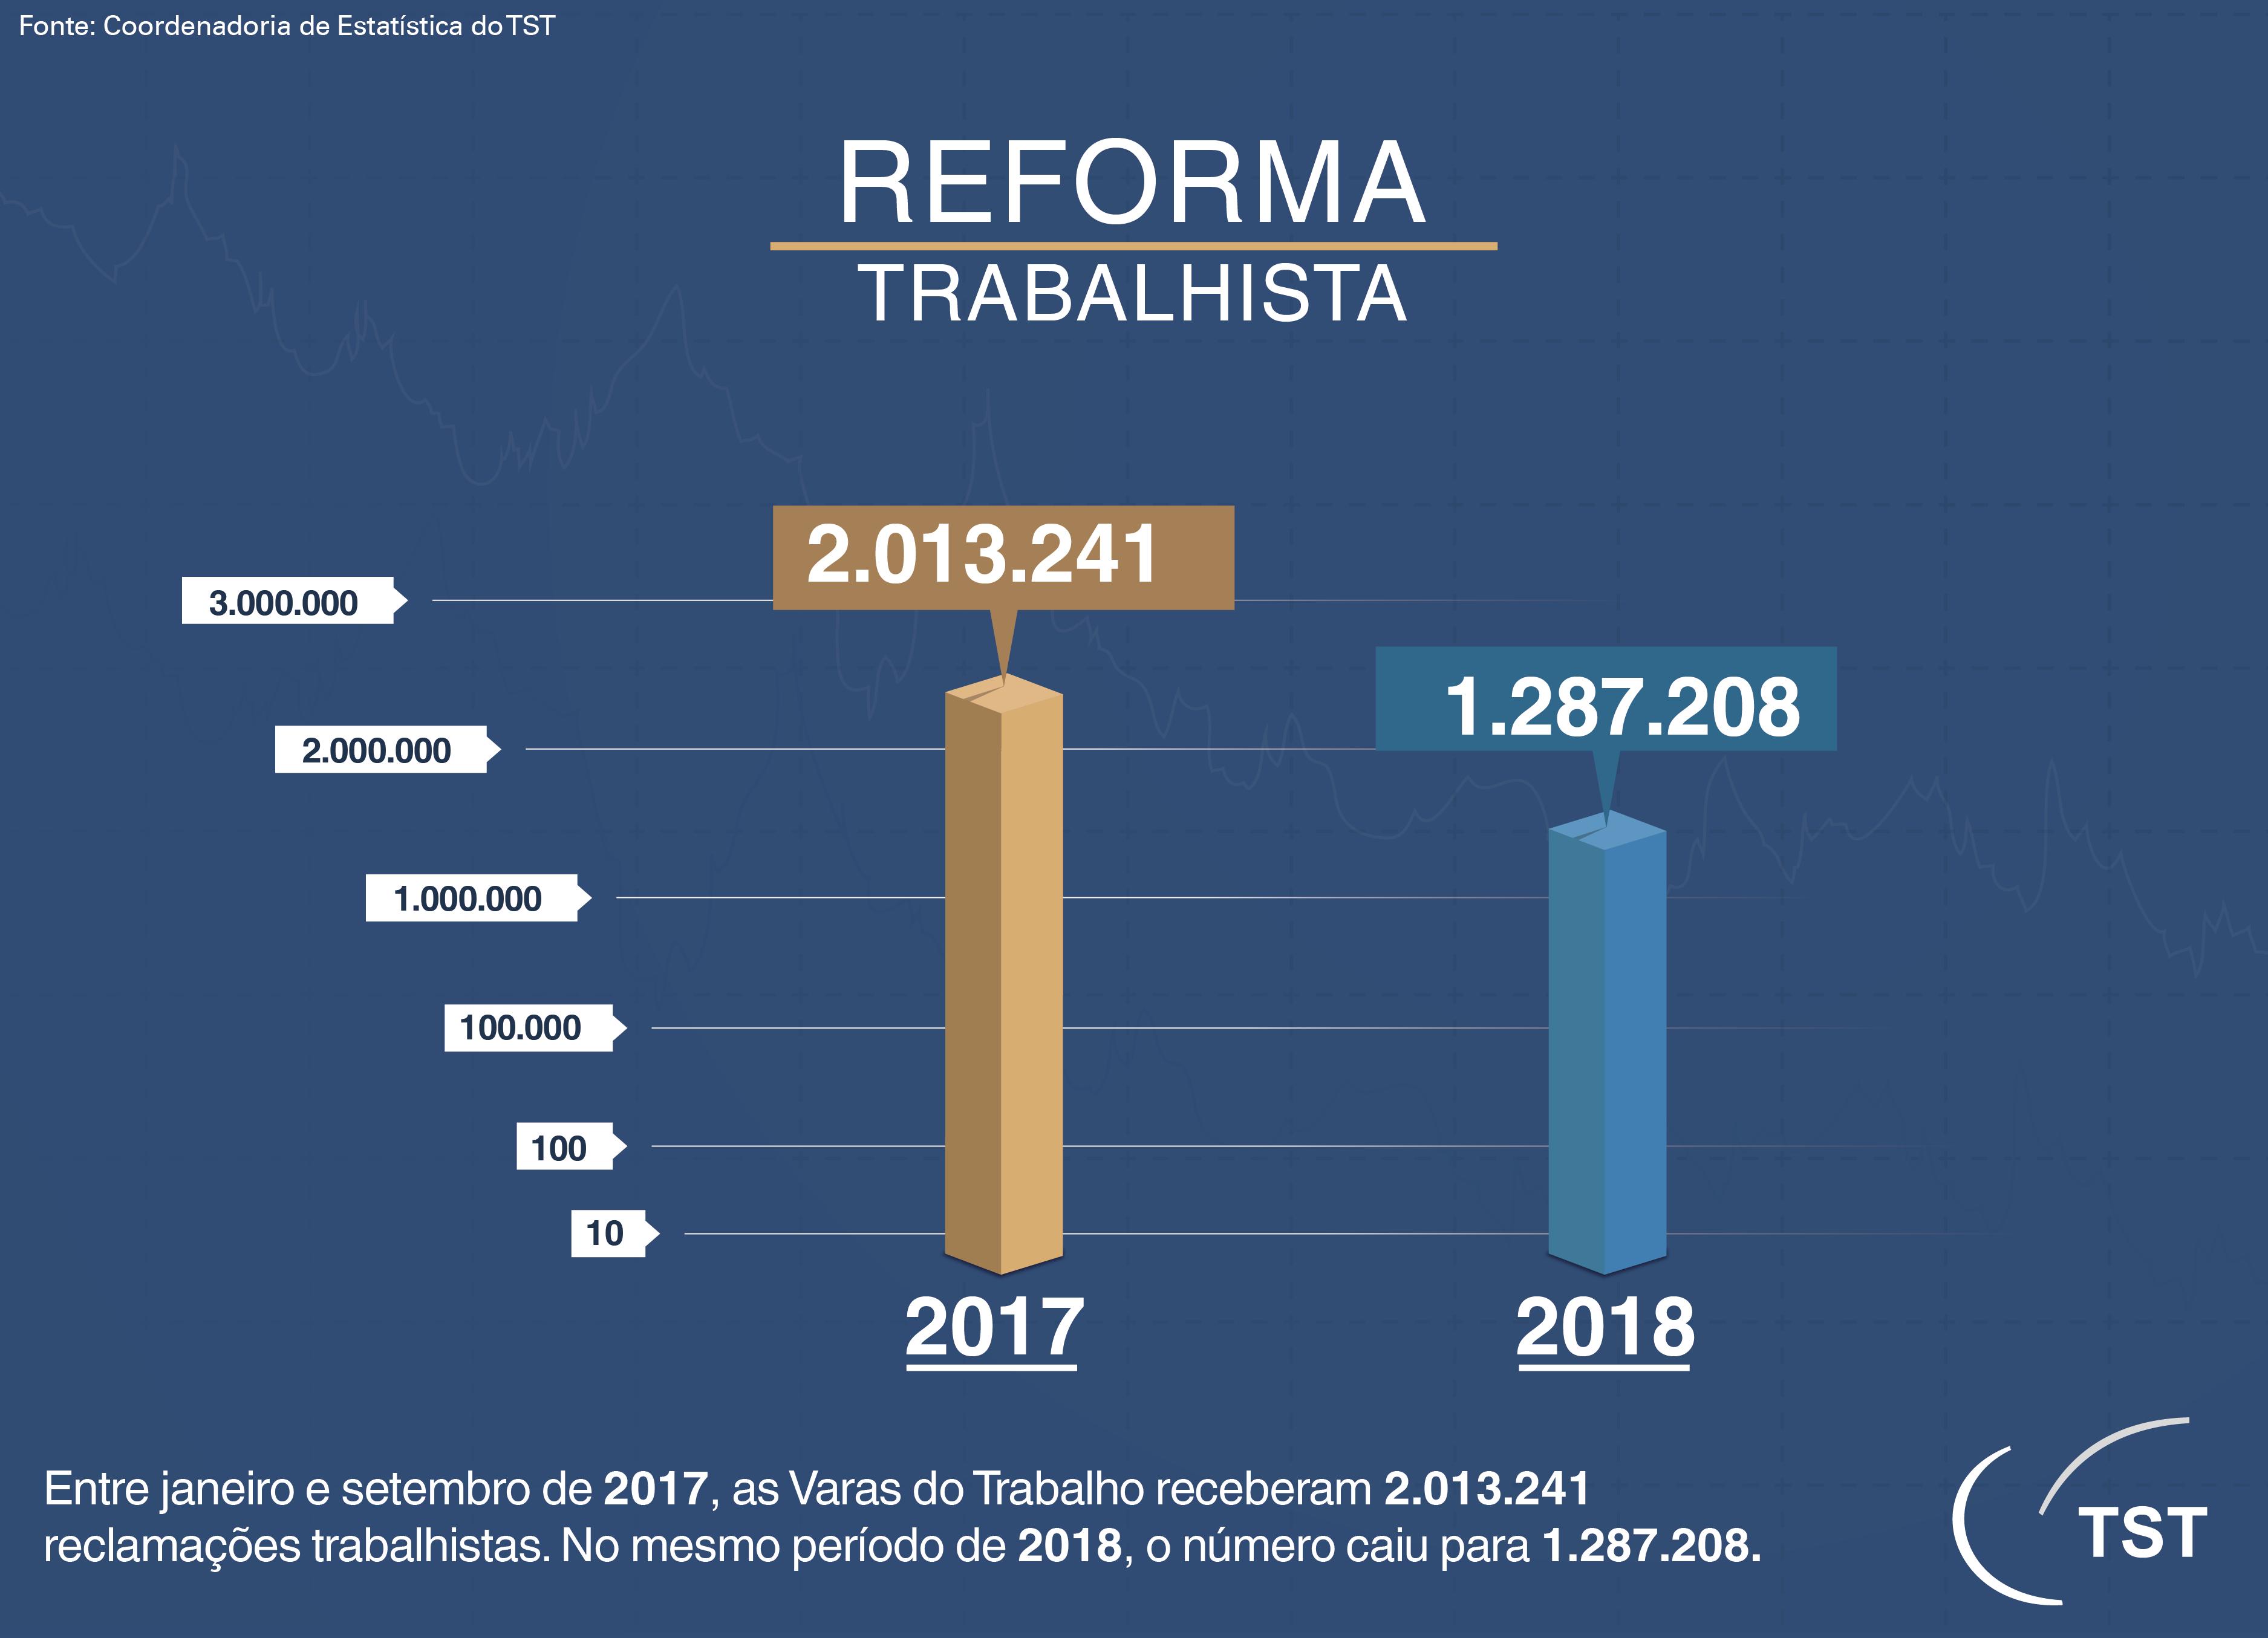 2 GRÁFICO - REFORMA TRABALHISTA 2017-2018 corrigido